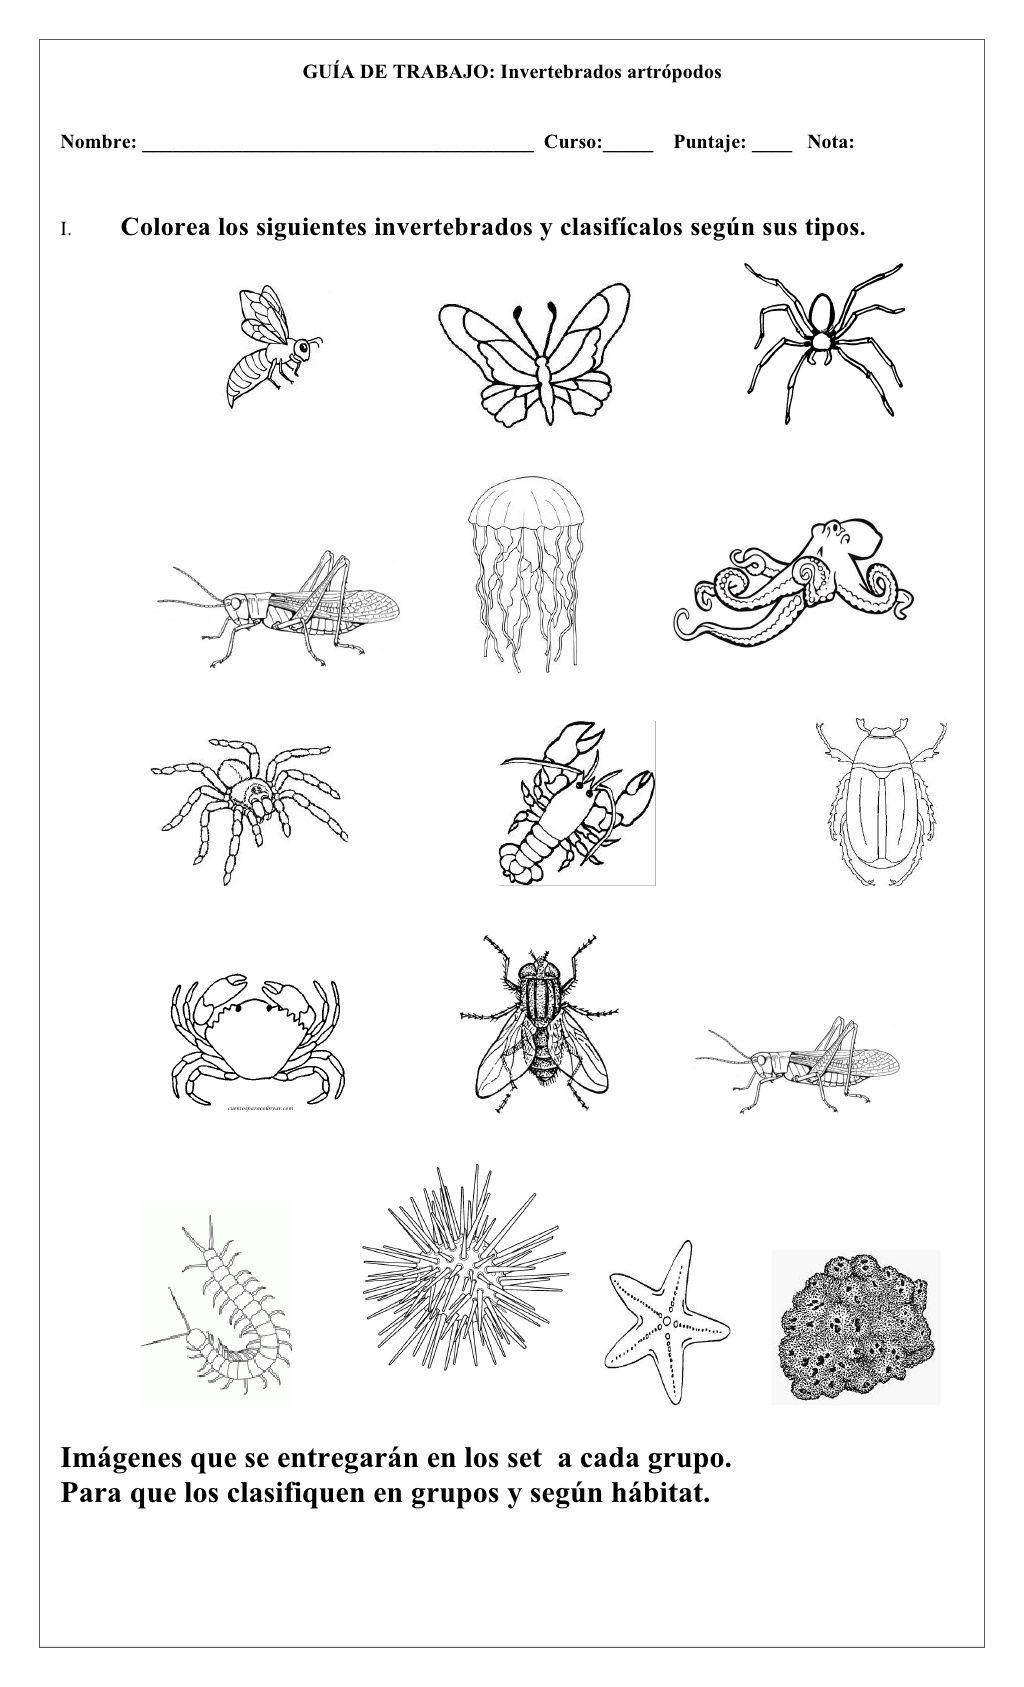 Anexos Invertebrados By Blankitaldga Via Slideshare Vertebrados